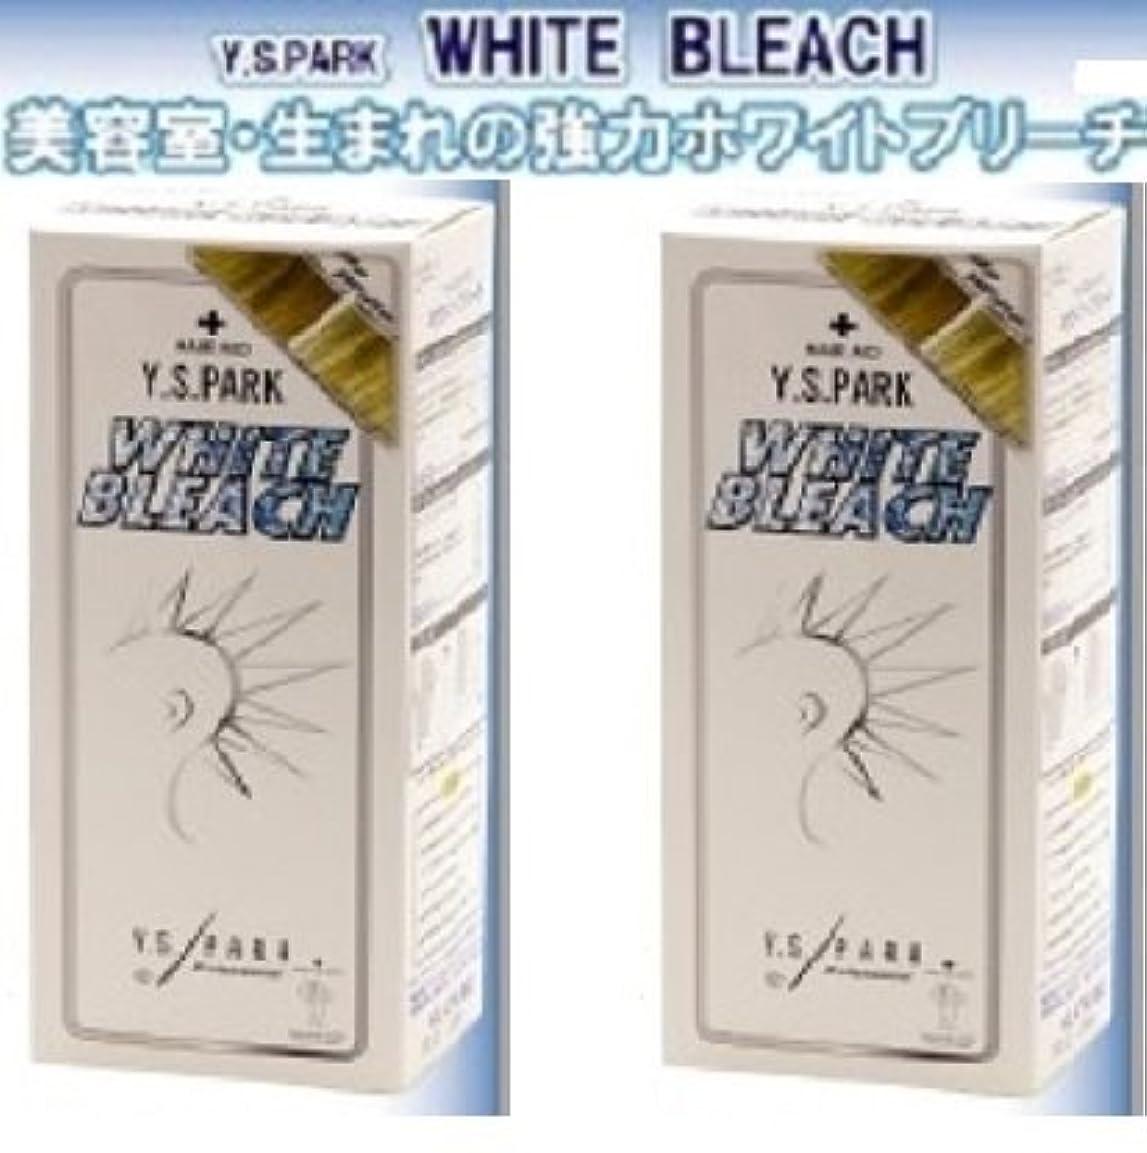 端末ラフ睡眠分解する【YSPARK 】ホワイトブリーチ ×2個セット(お得な2個組)美容室生まれの強力ホワイトブリーチ